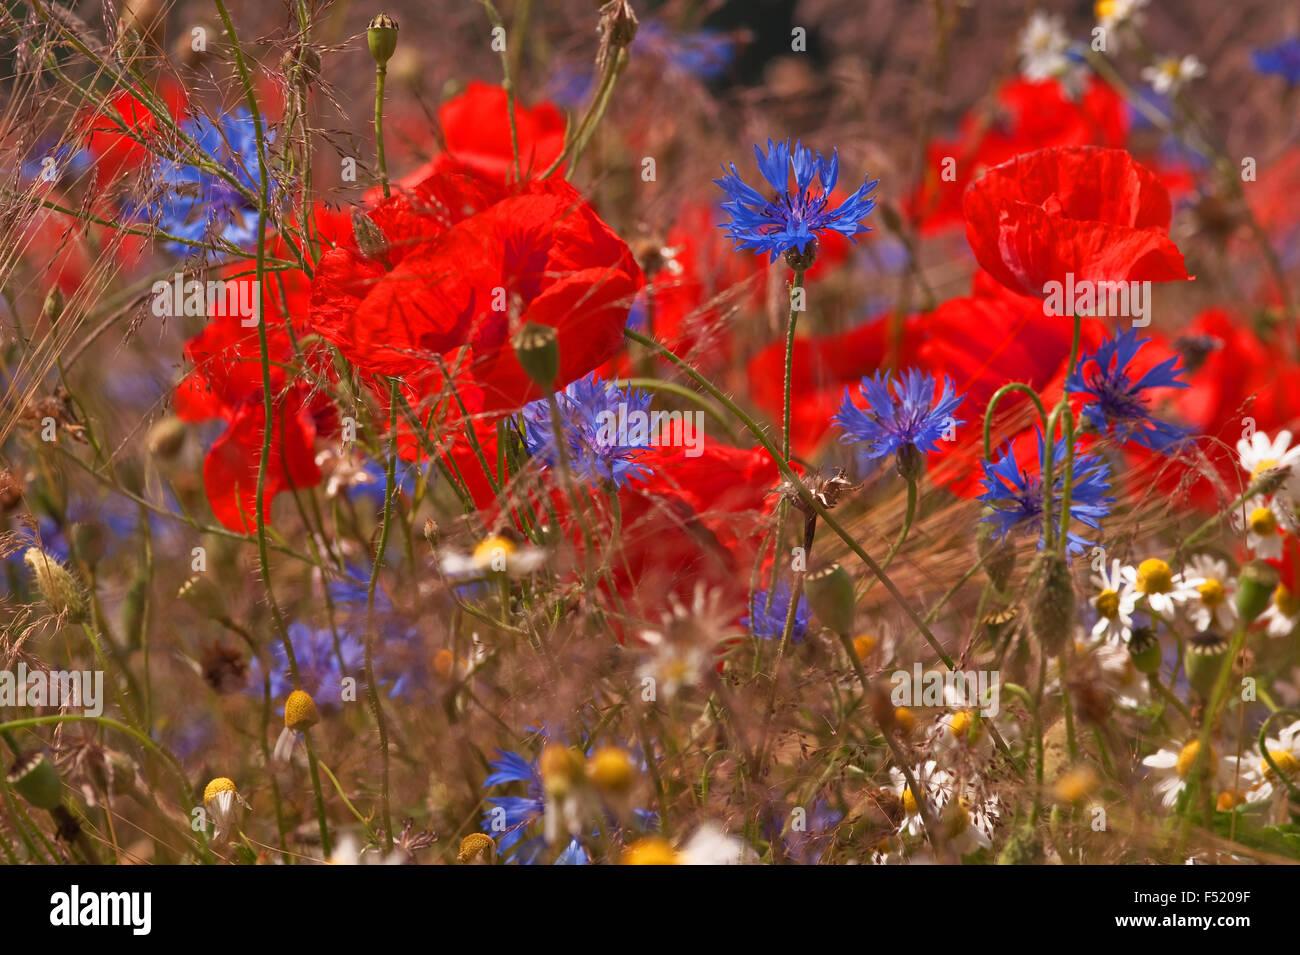 Sommerblumenwiese, Foto de stock